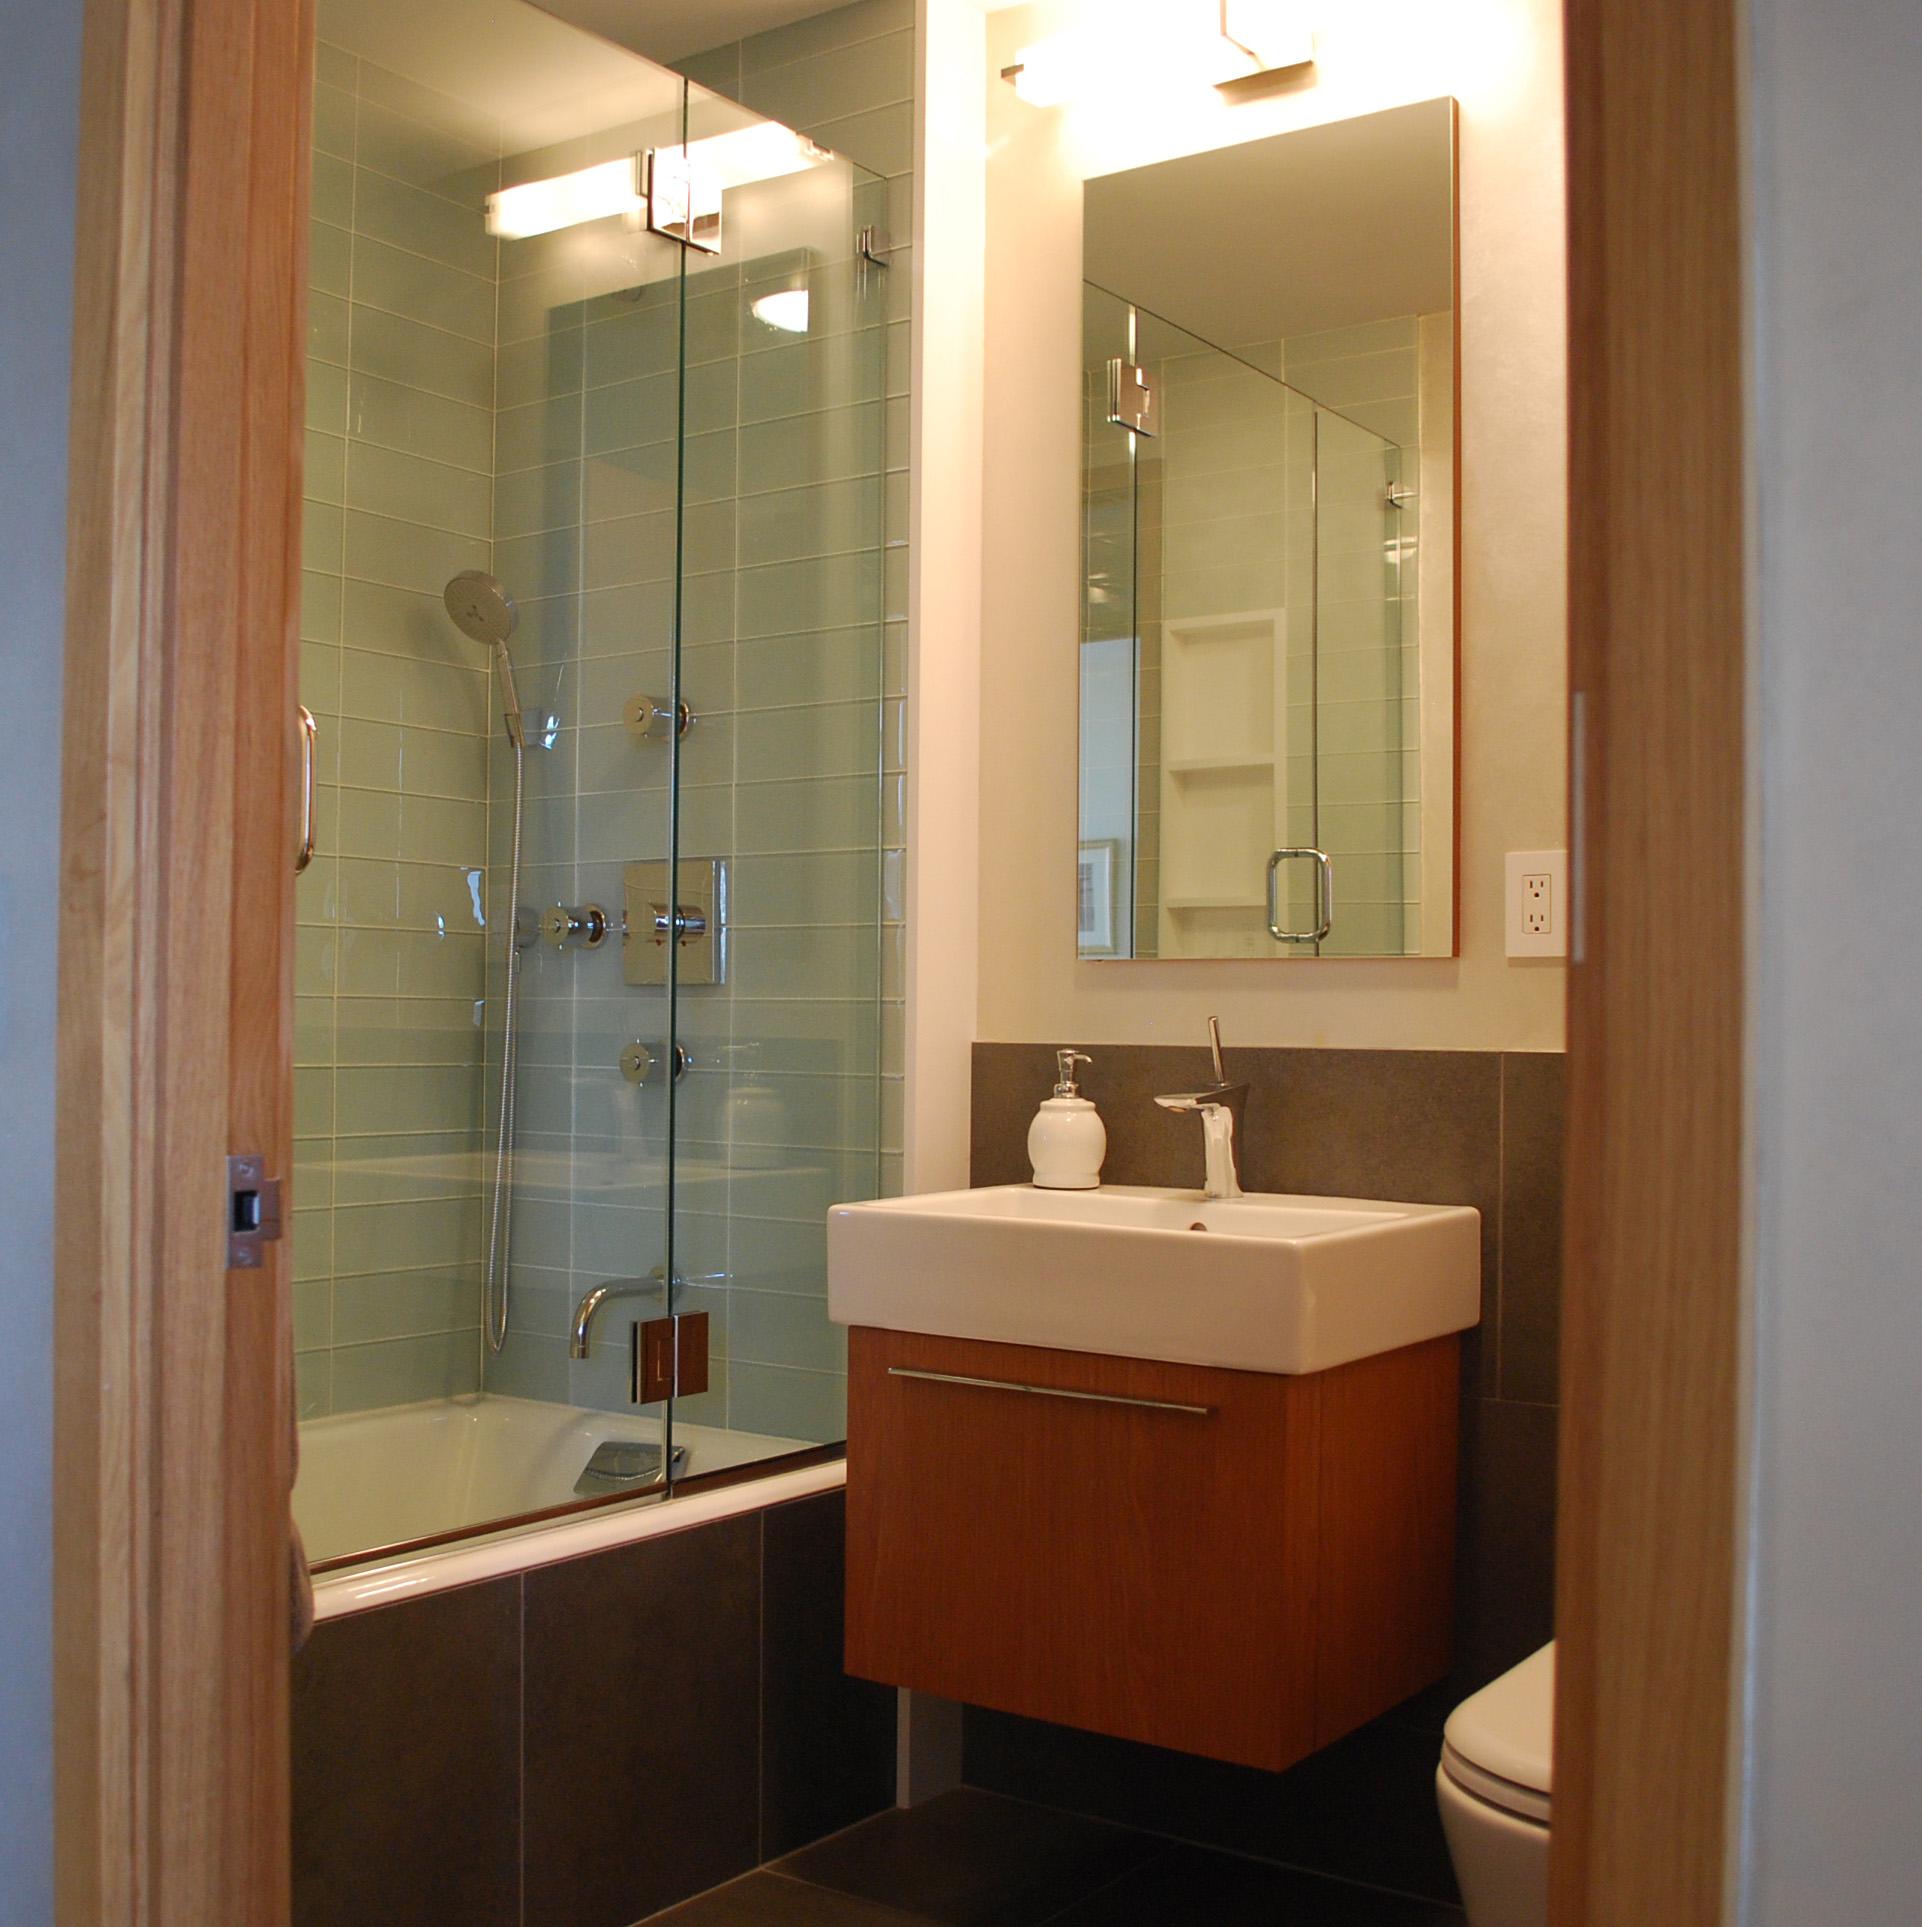 k Bath.jpg